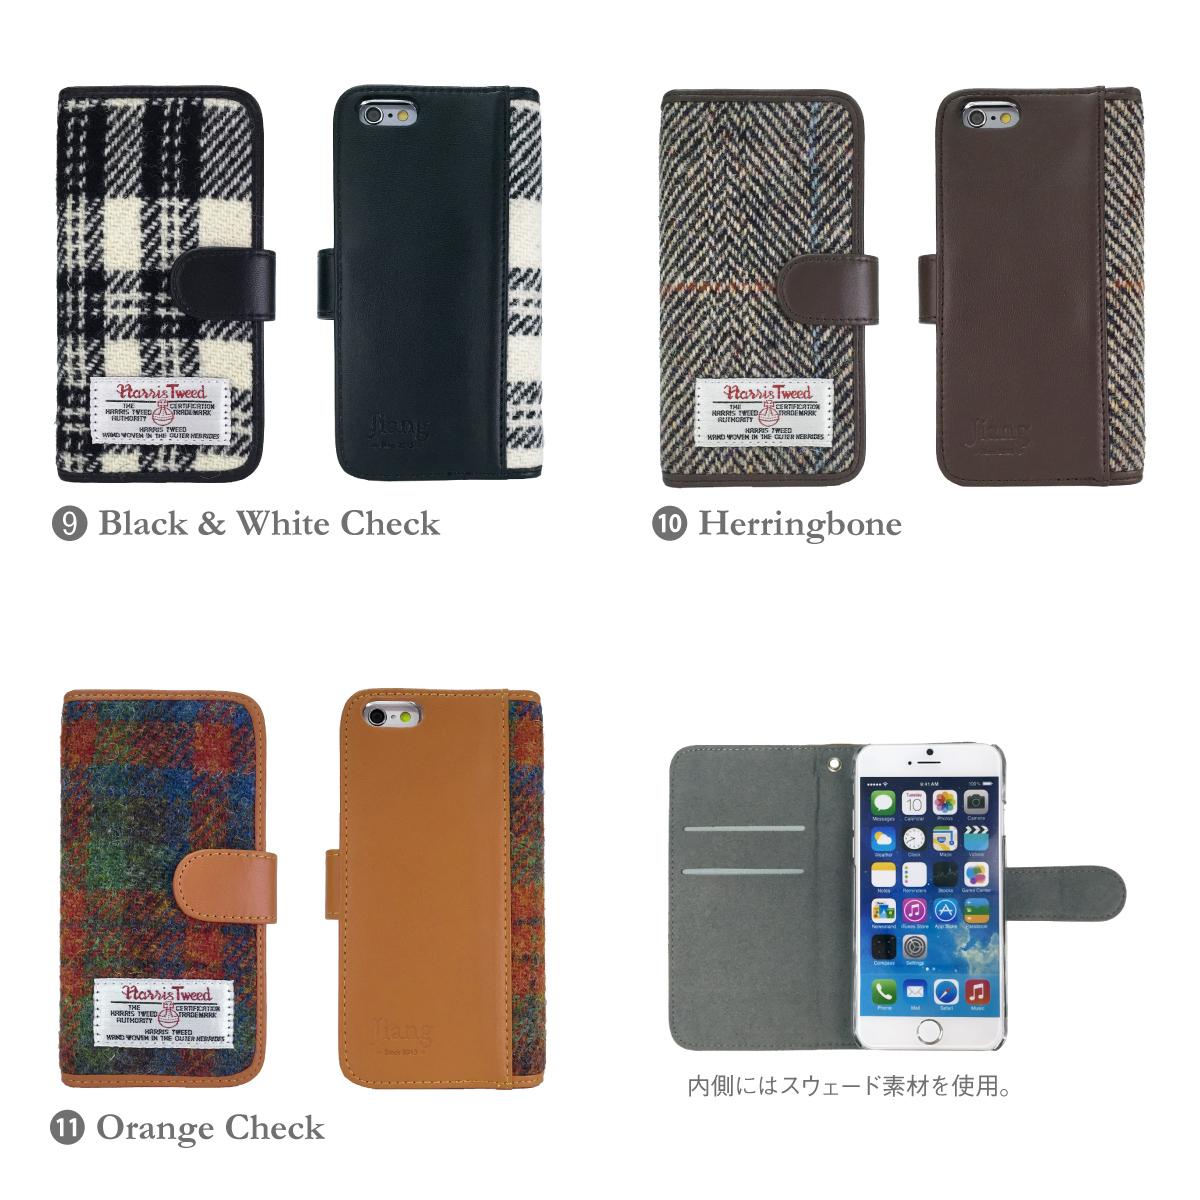 スマホケース,おしゃれ,メンズ,ブランド,iPhone,人気,画像